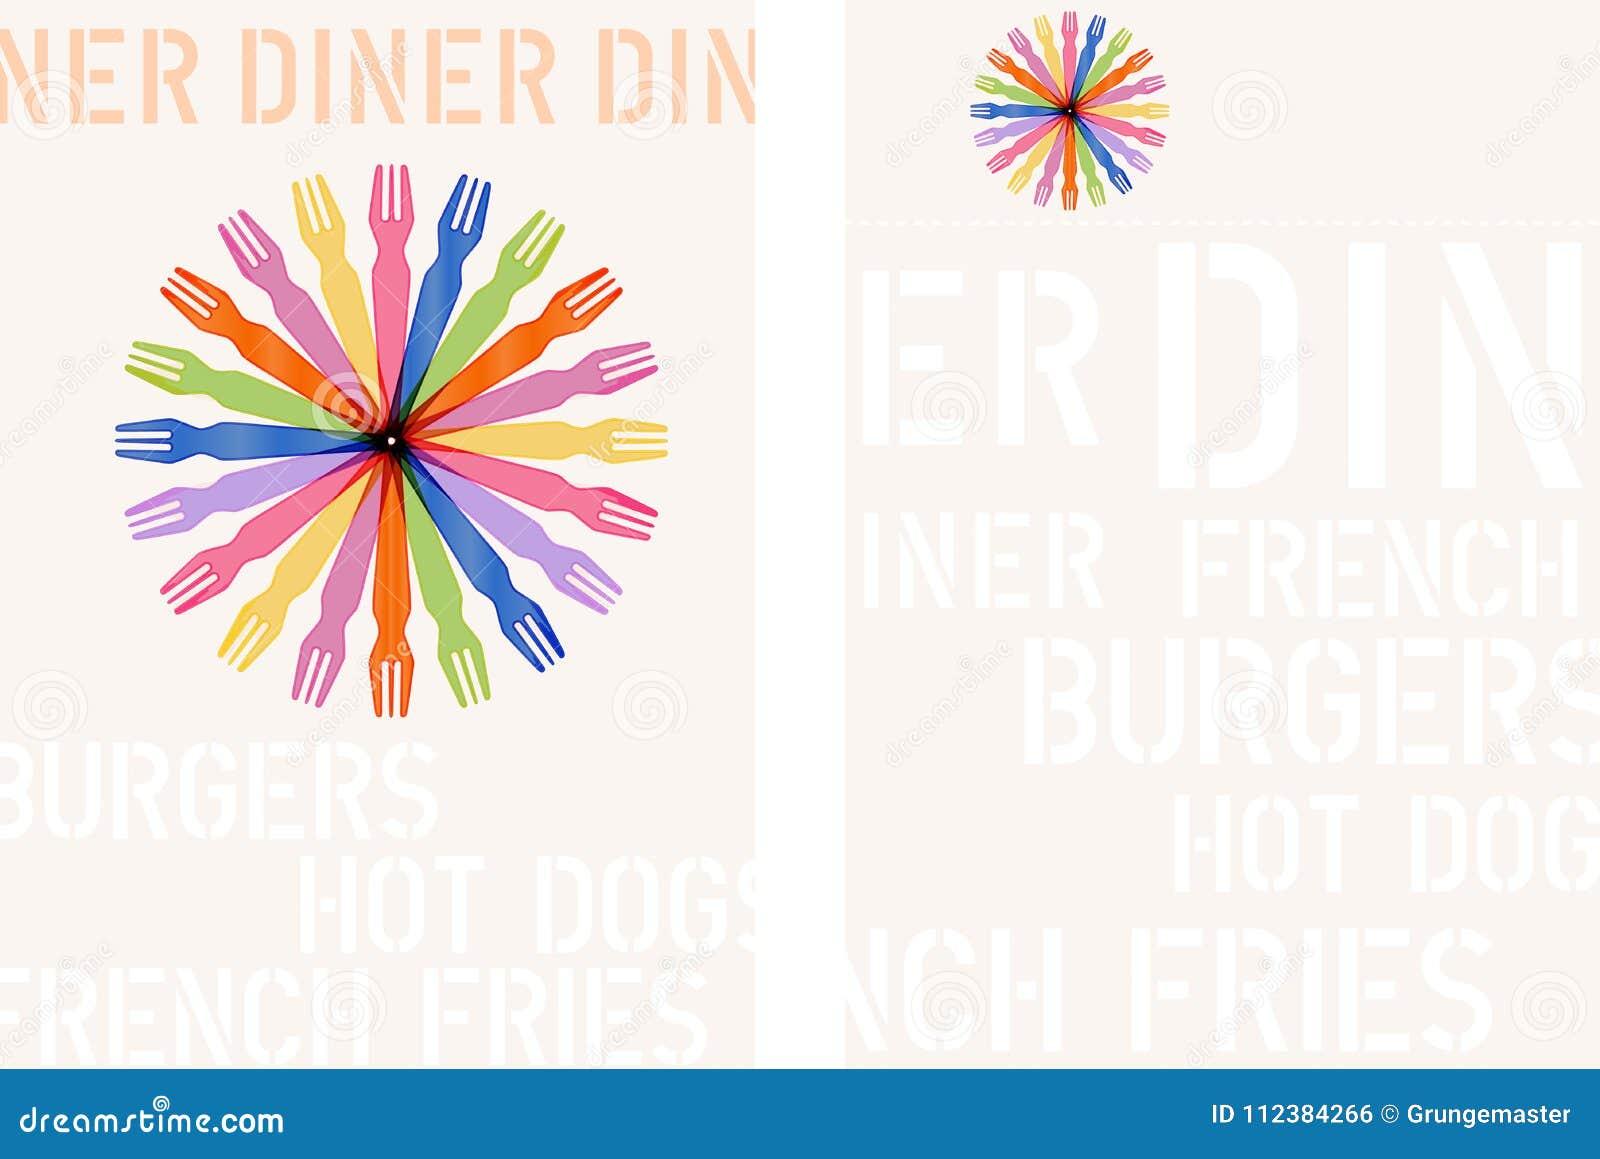 Menu design template for diner or fast food restaurant stock vector download menu design template for diner or fast food restaurant stock vector illustration of diner maxwellsz